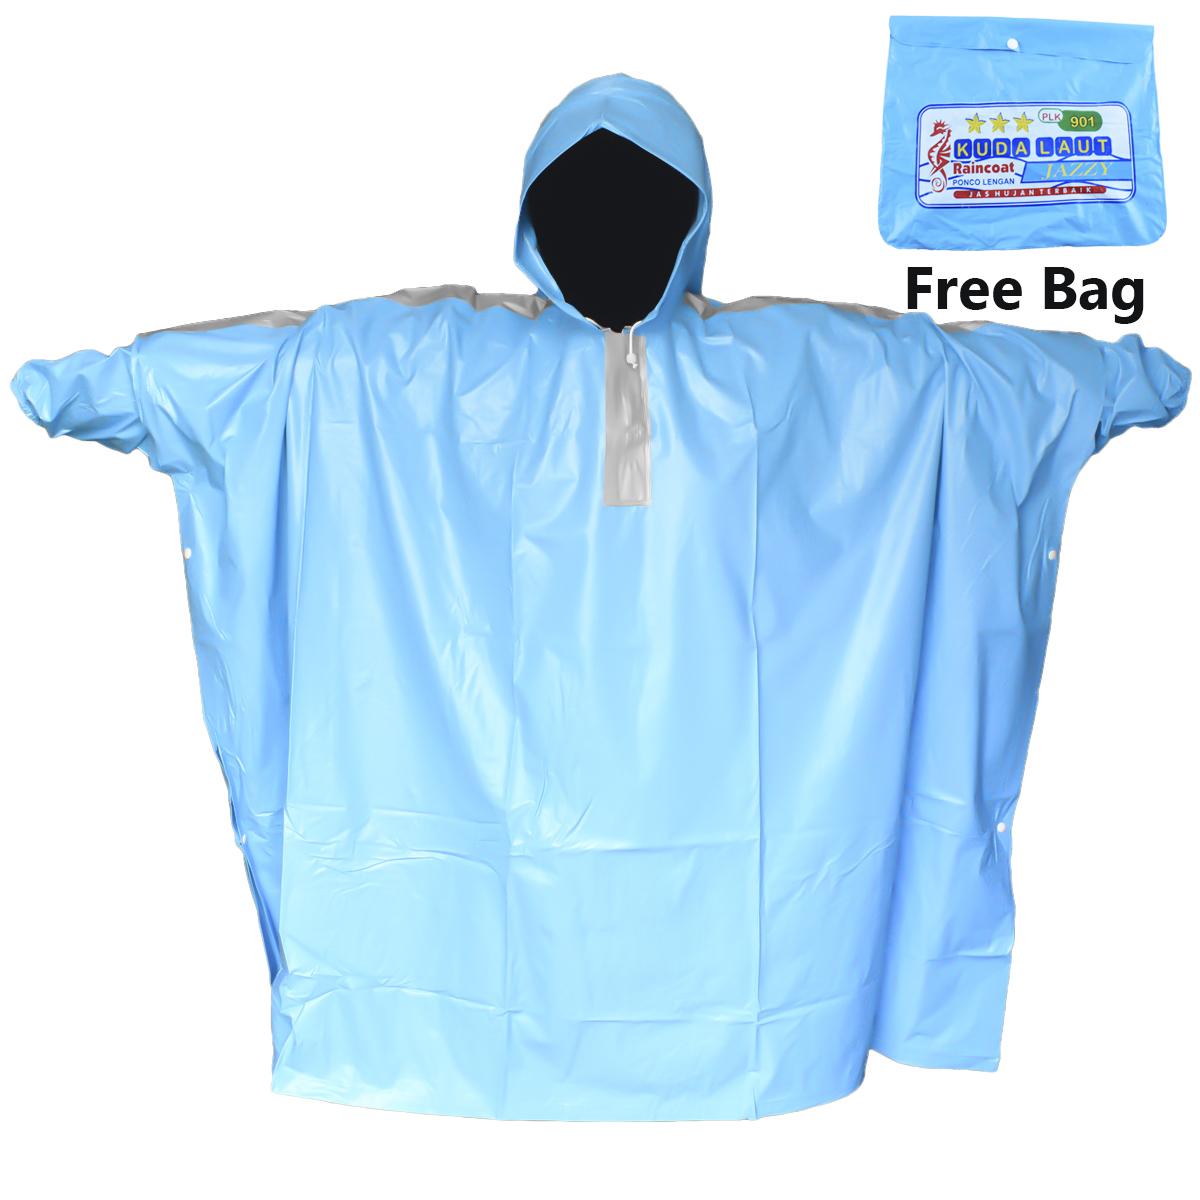 weitech jas hujan ponco lengan celana set spartan aqua bahan pvc motif polos-plc-106